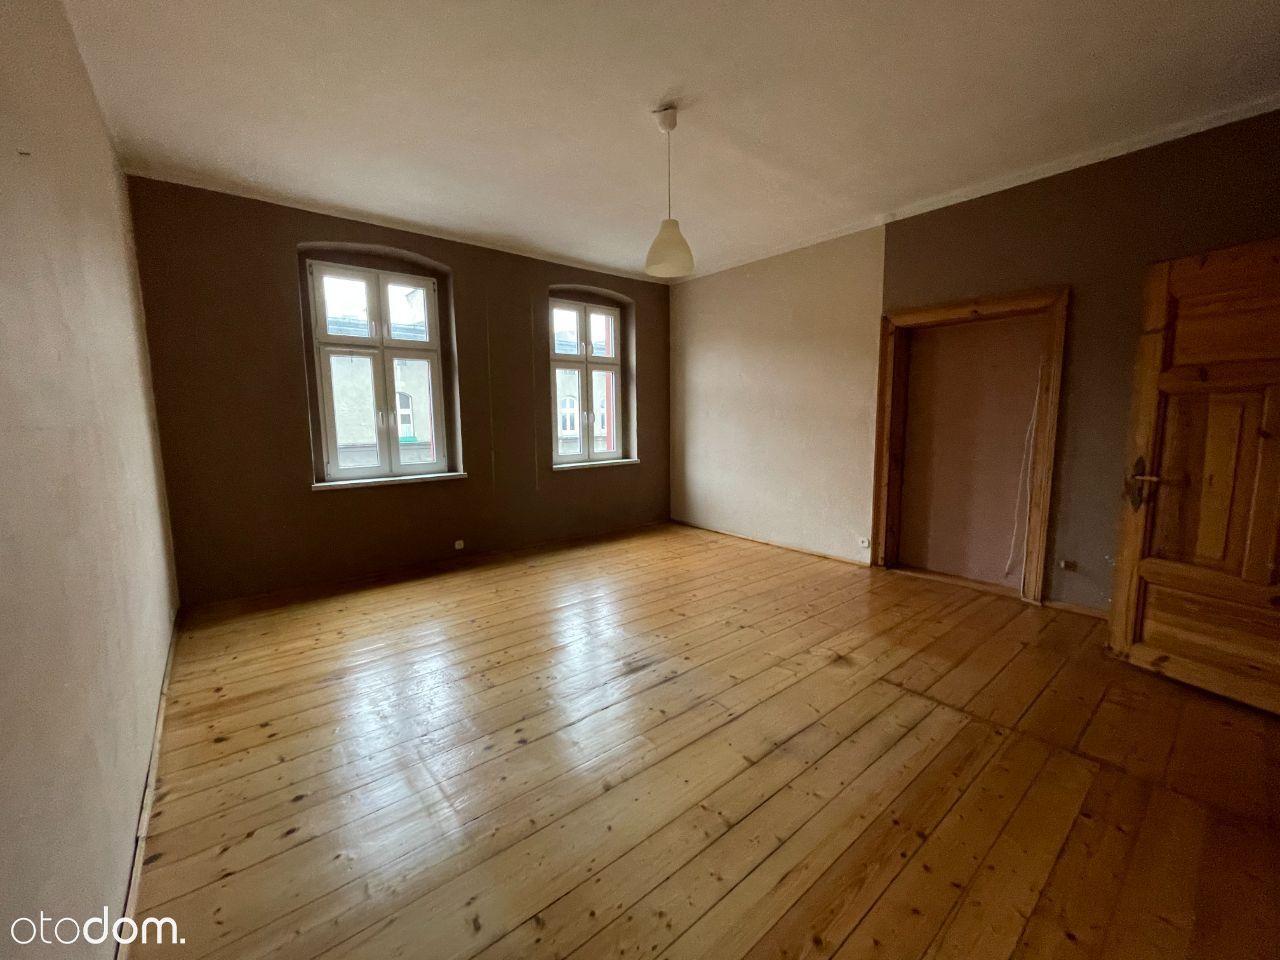 Nowa inwestycja! Mieszkanie 58m2 centrum Katowic